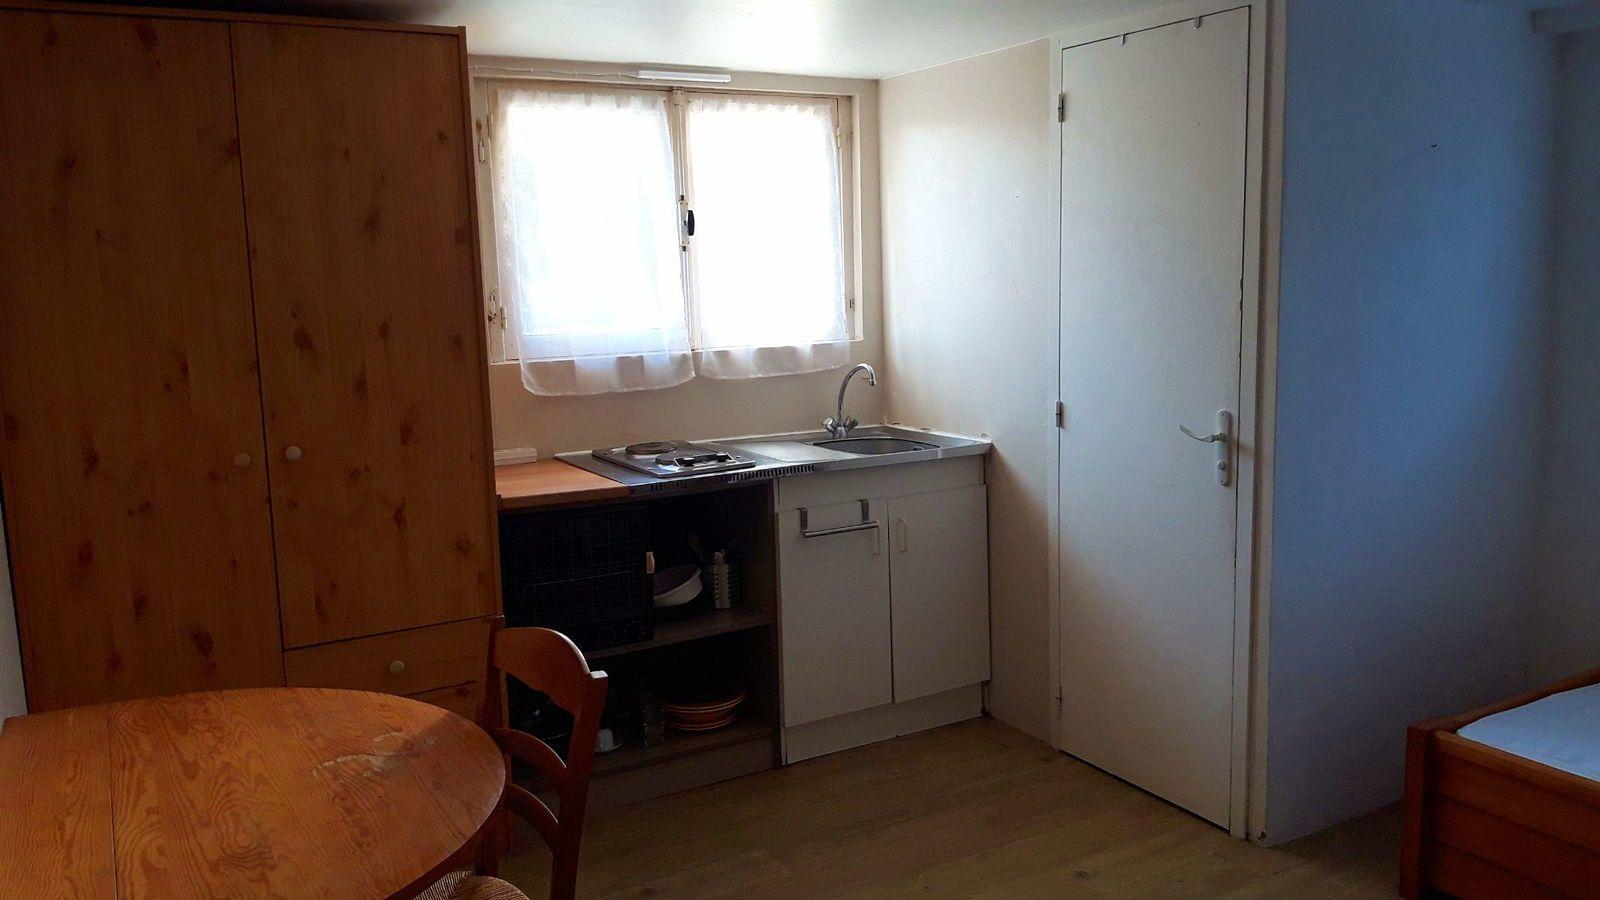 Loue chambre/studio meublé étudiant(e) à Caen (14), quartier Hastings - 16m²